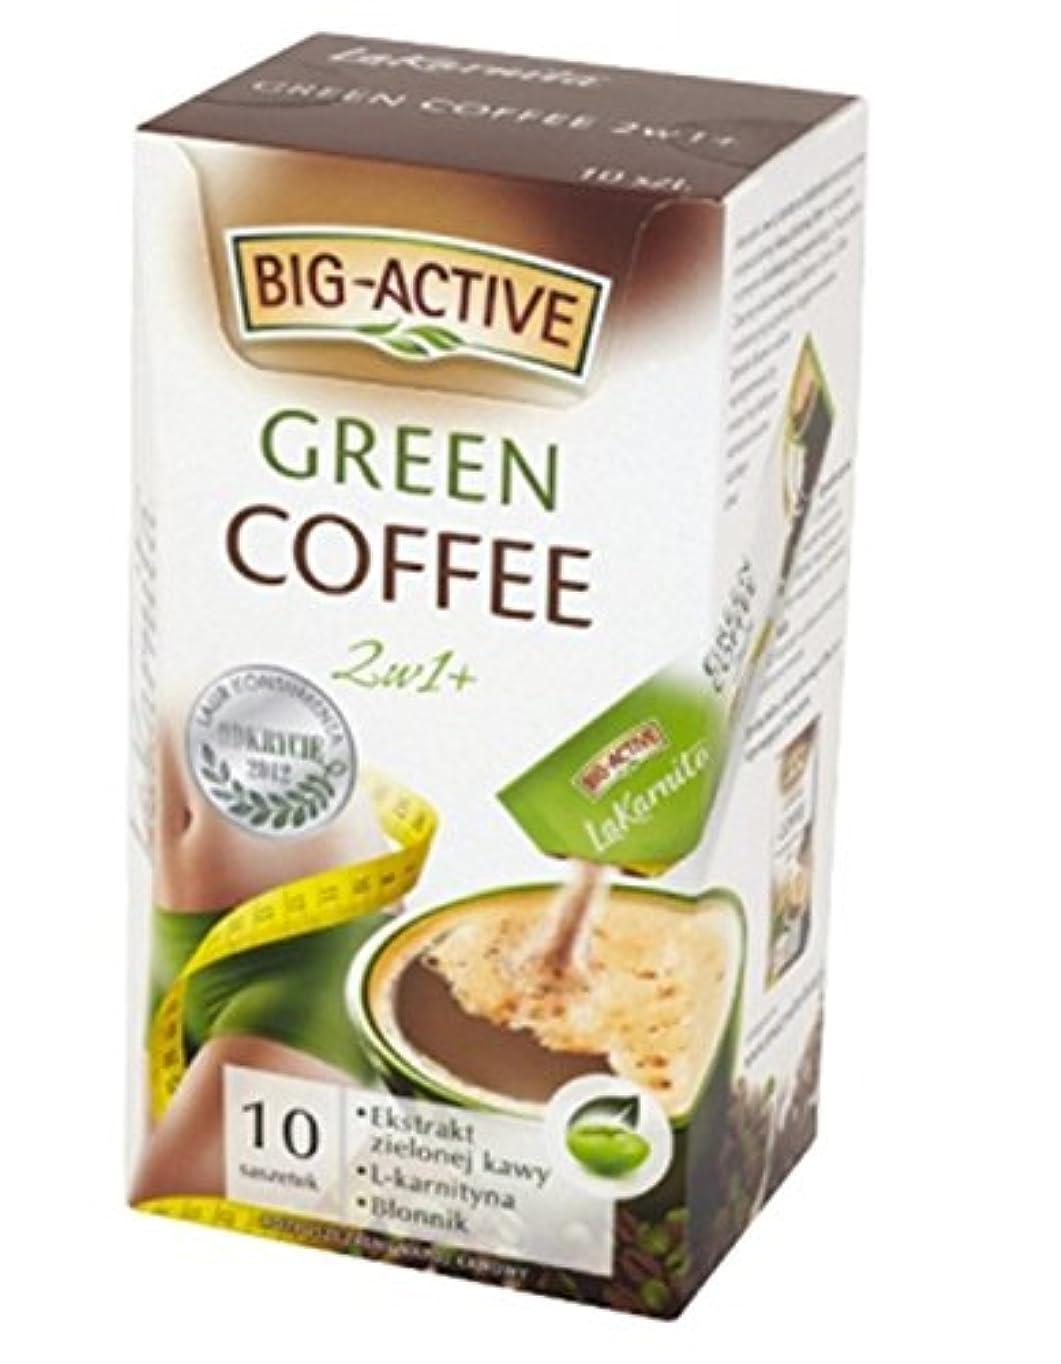 徐々にナチュラル宿スリミン グリー グコーヒー/5 boxes Big Active La Karnita Green Coffee Slimming Sachet 2 IN 1